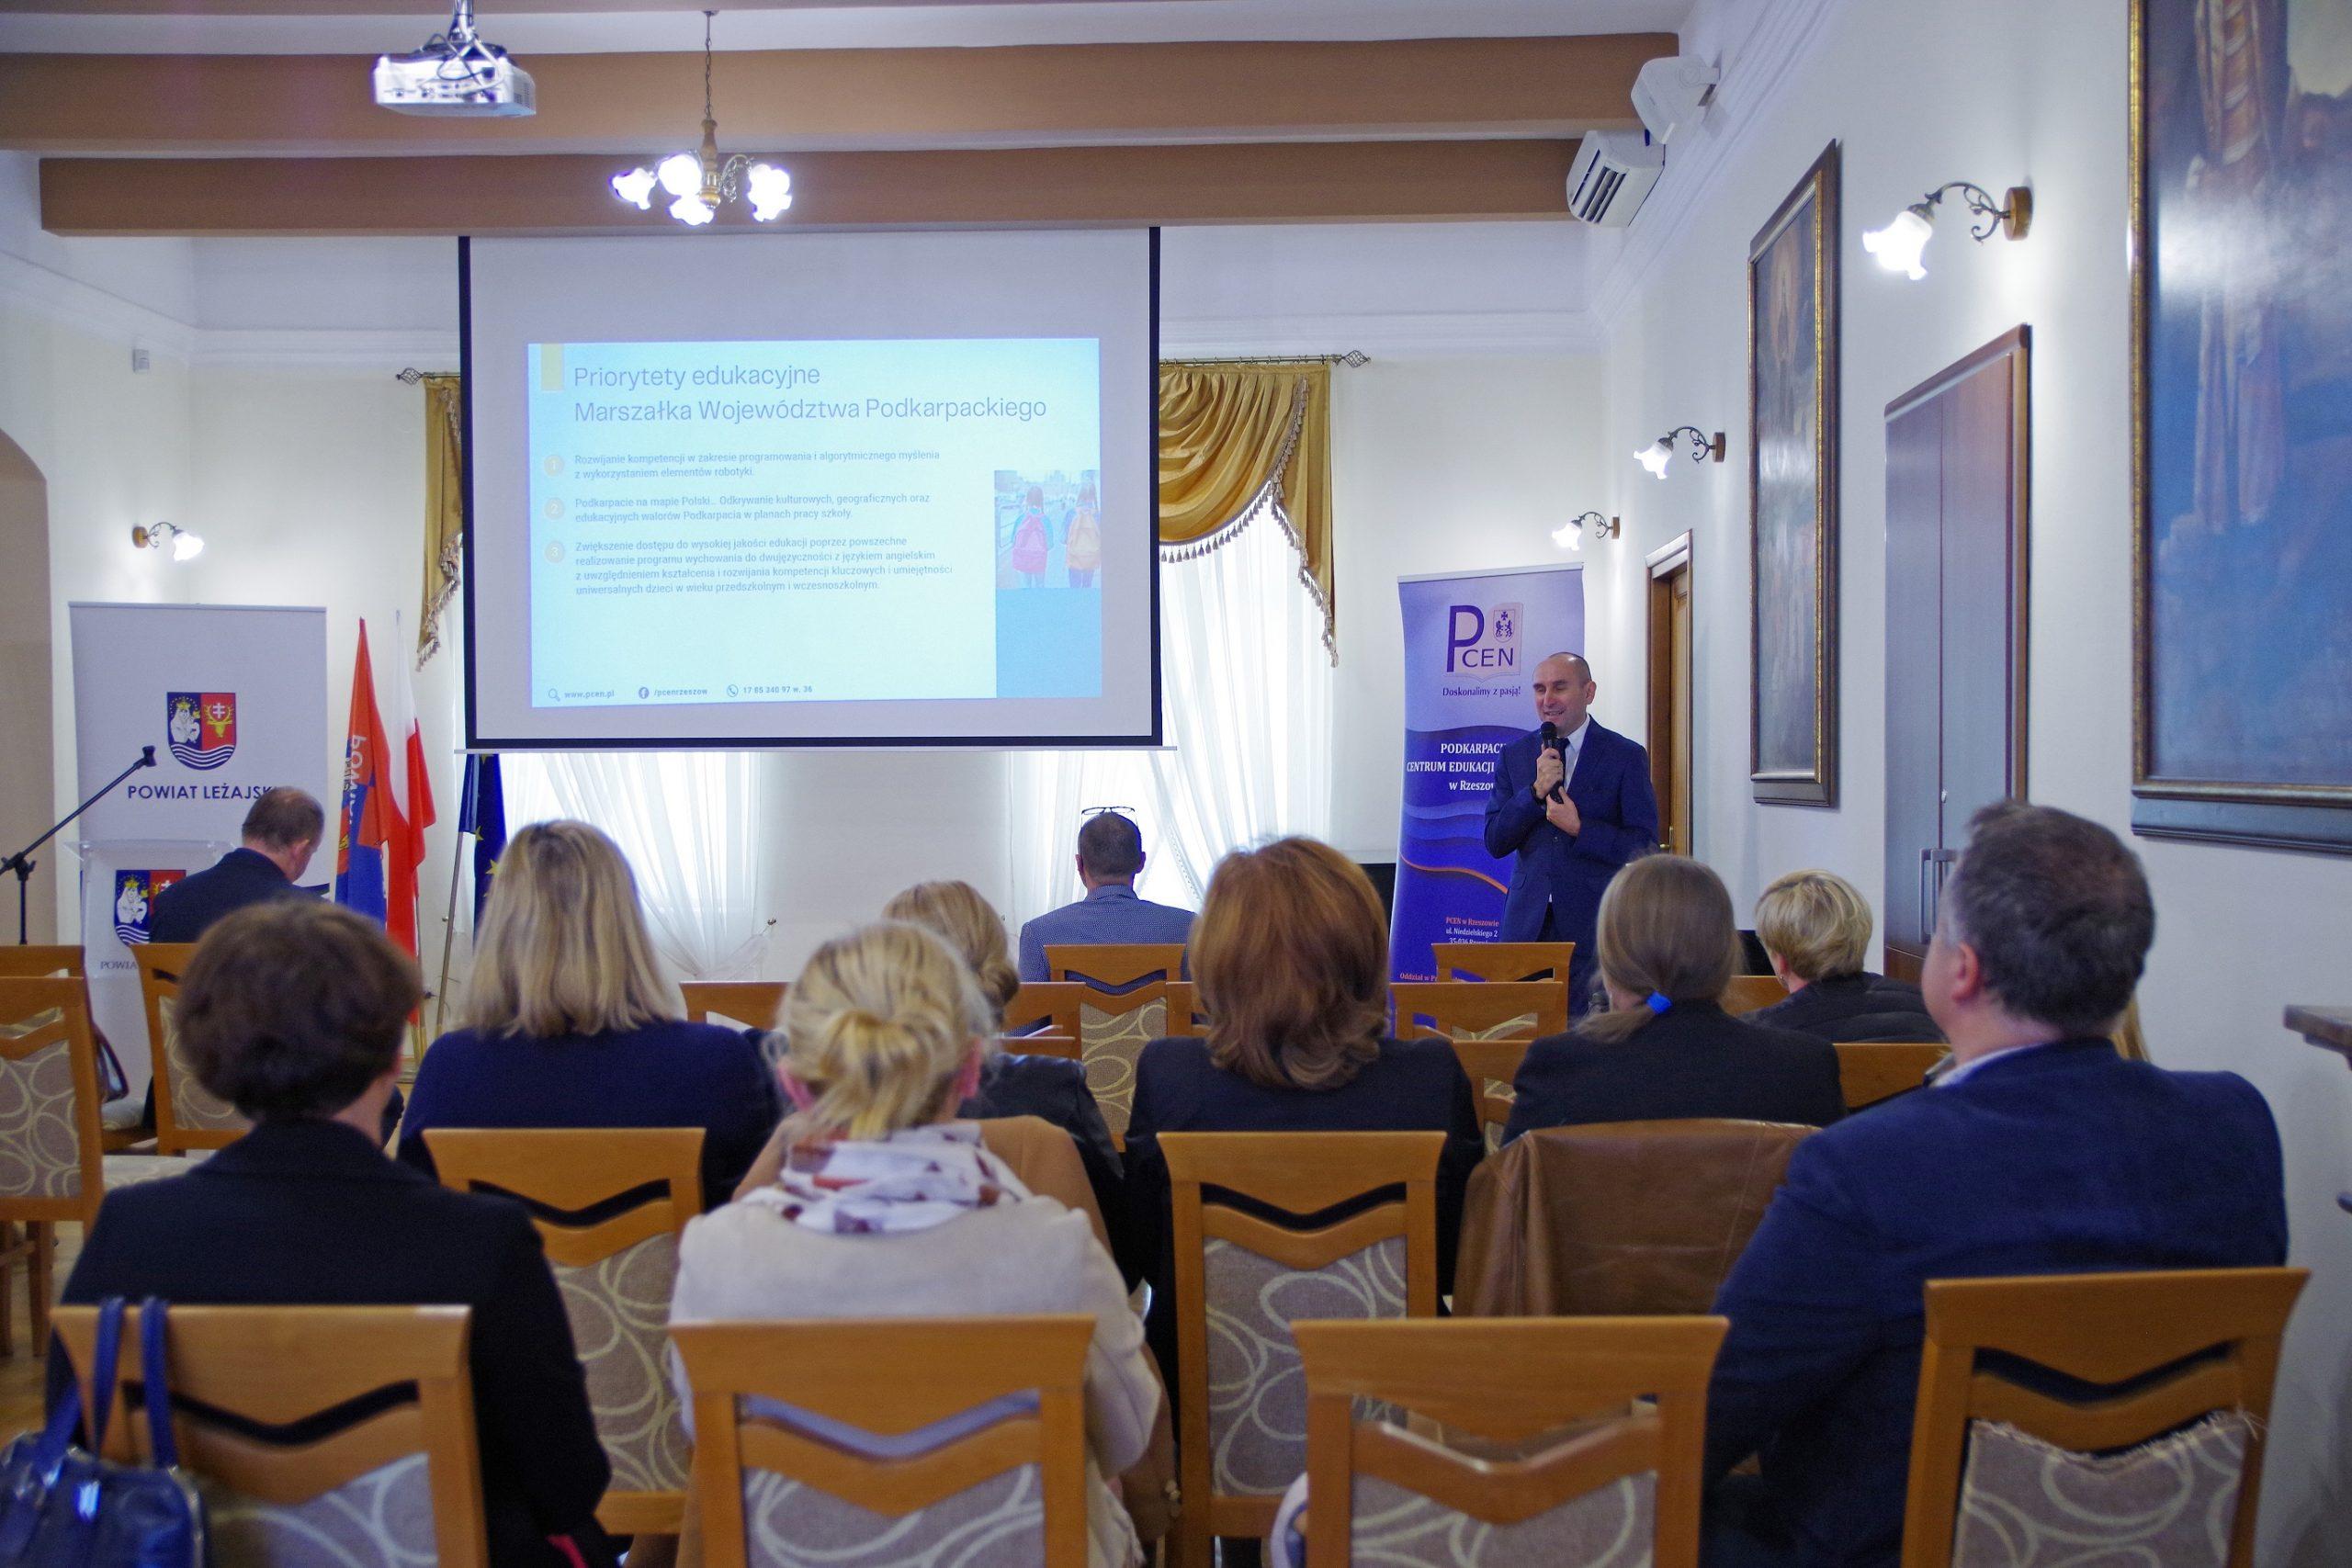 Na pierwszym planie siedzą uczestnicy konferencji zwróceni tyłem do obiektywu, a przodem do przemawiającego mężczyzny. Za mężczyzną wisi ekran projektora, na którym wyświetlana jest prezentacja.